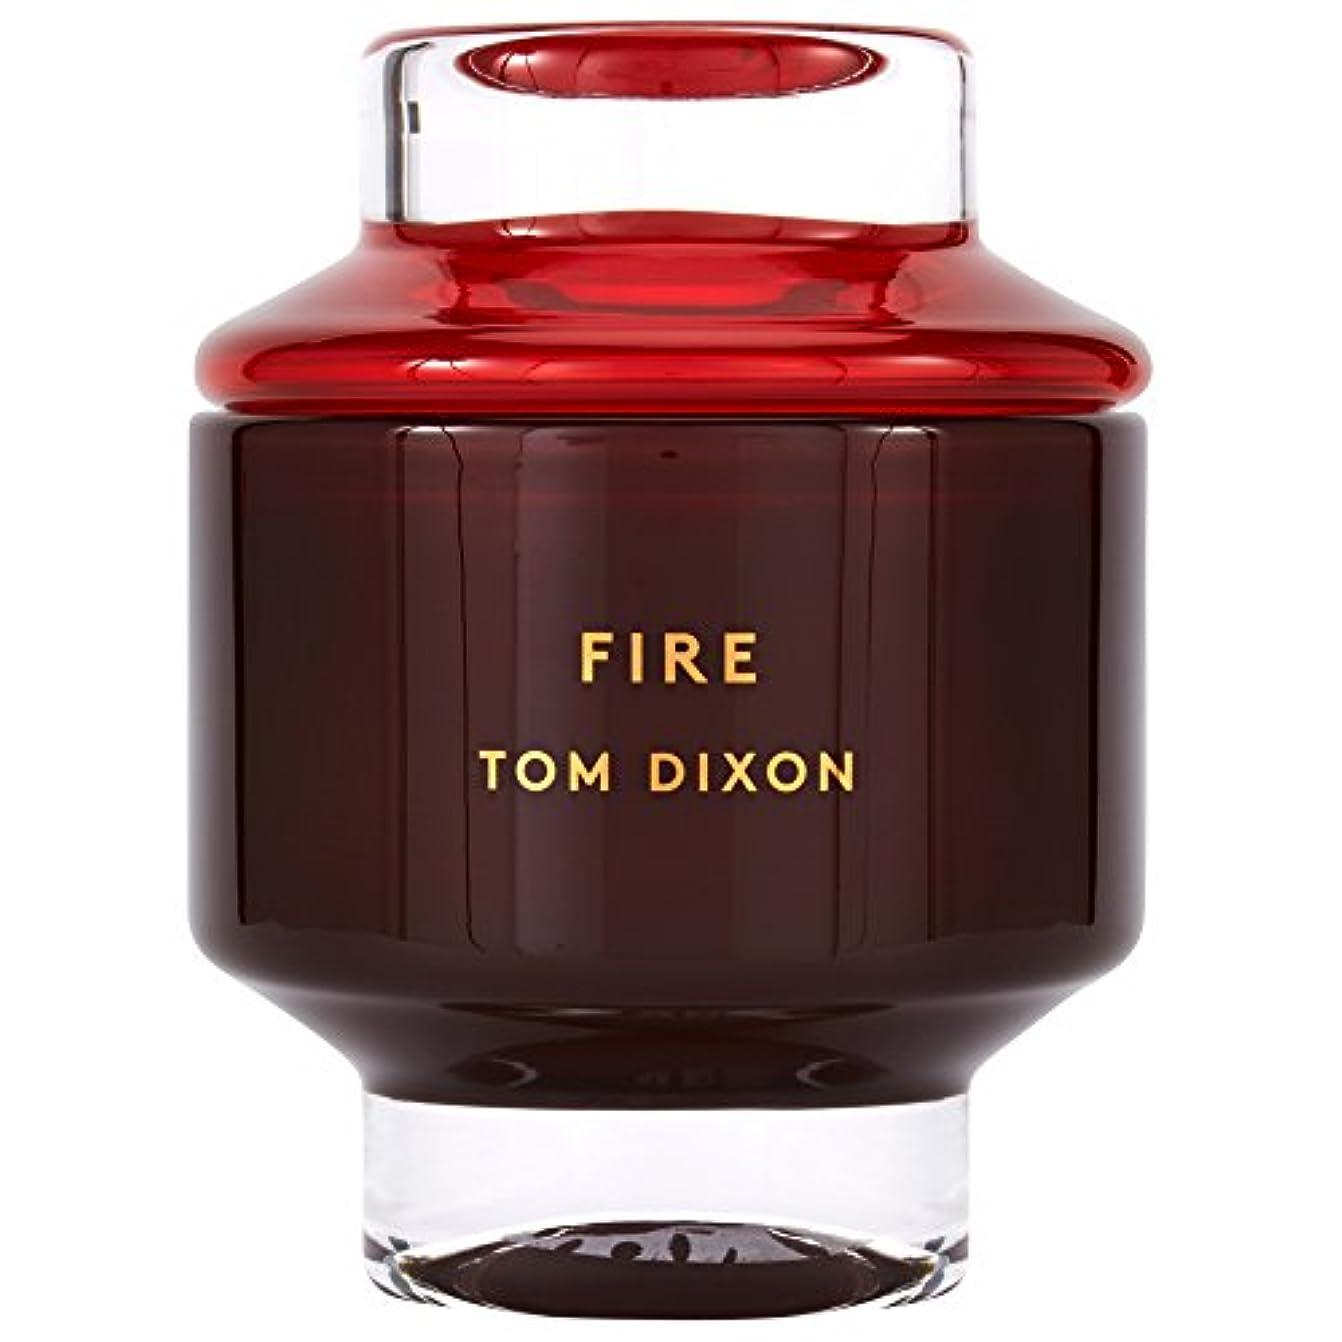 見落とす確かな情熱的Tom Dixon Fire Scented Candle Large - トム?ディクソン火災大型香りのキャンドル [並行輸入品]